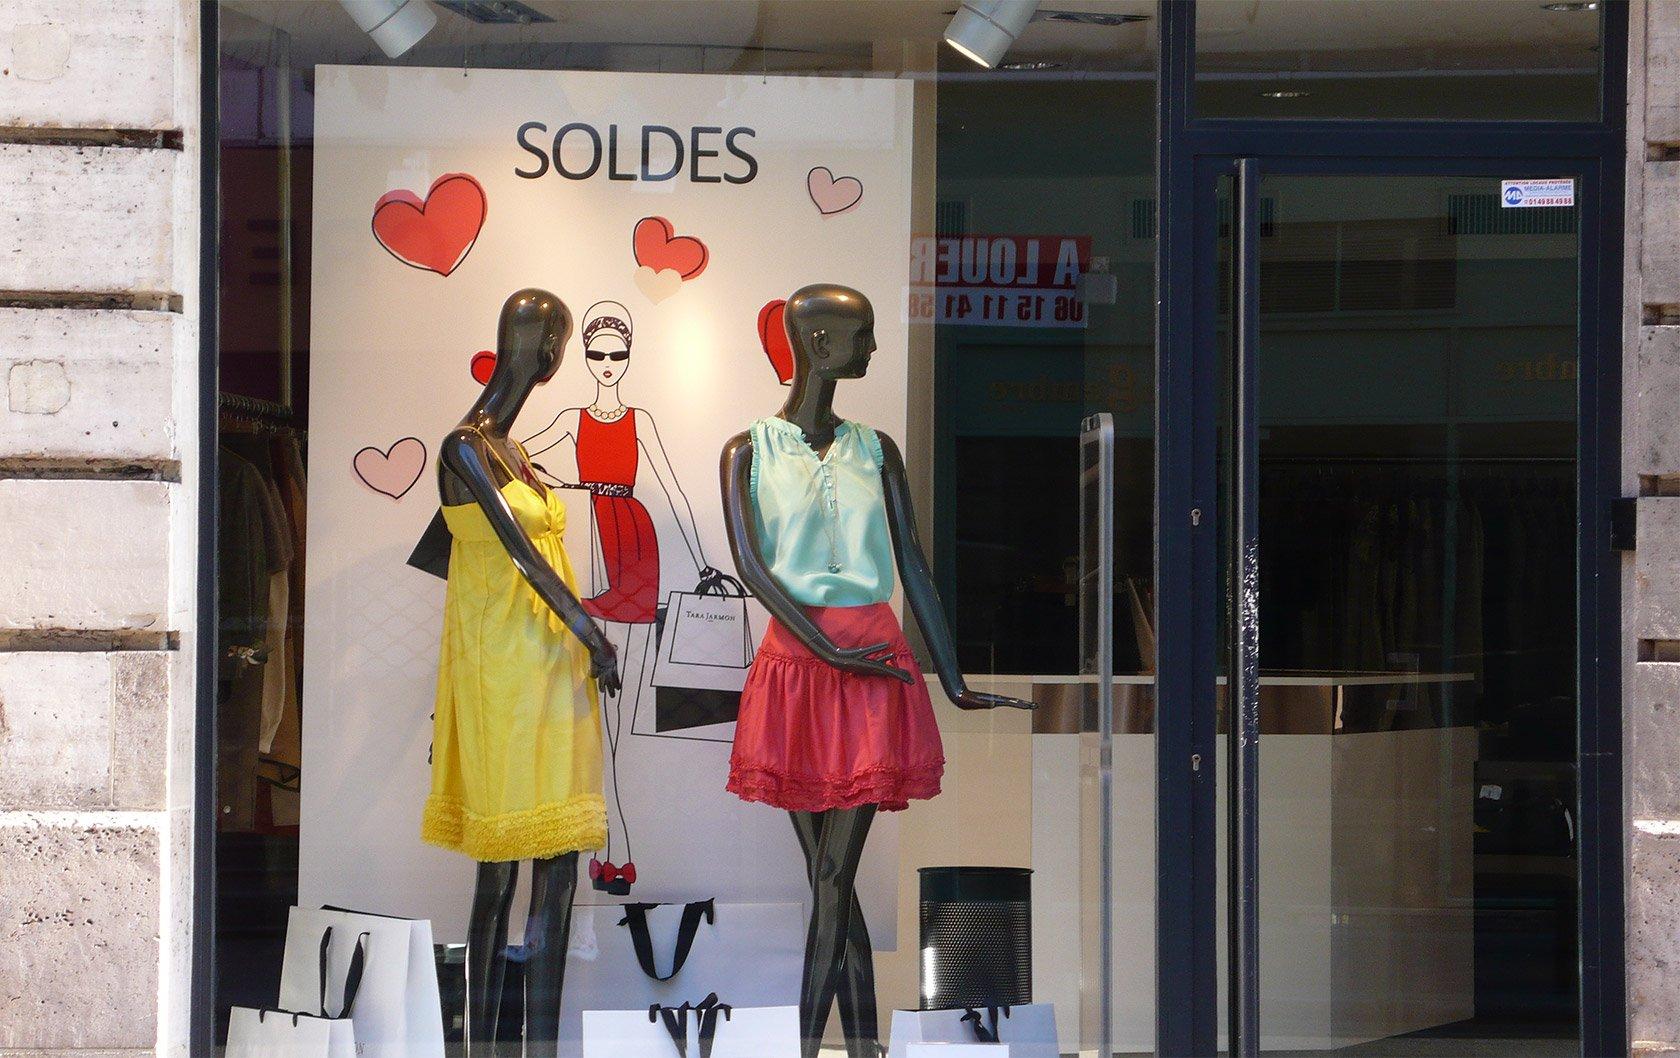 soldes-2010-window